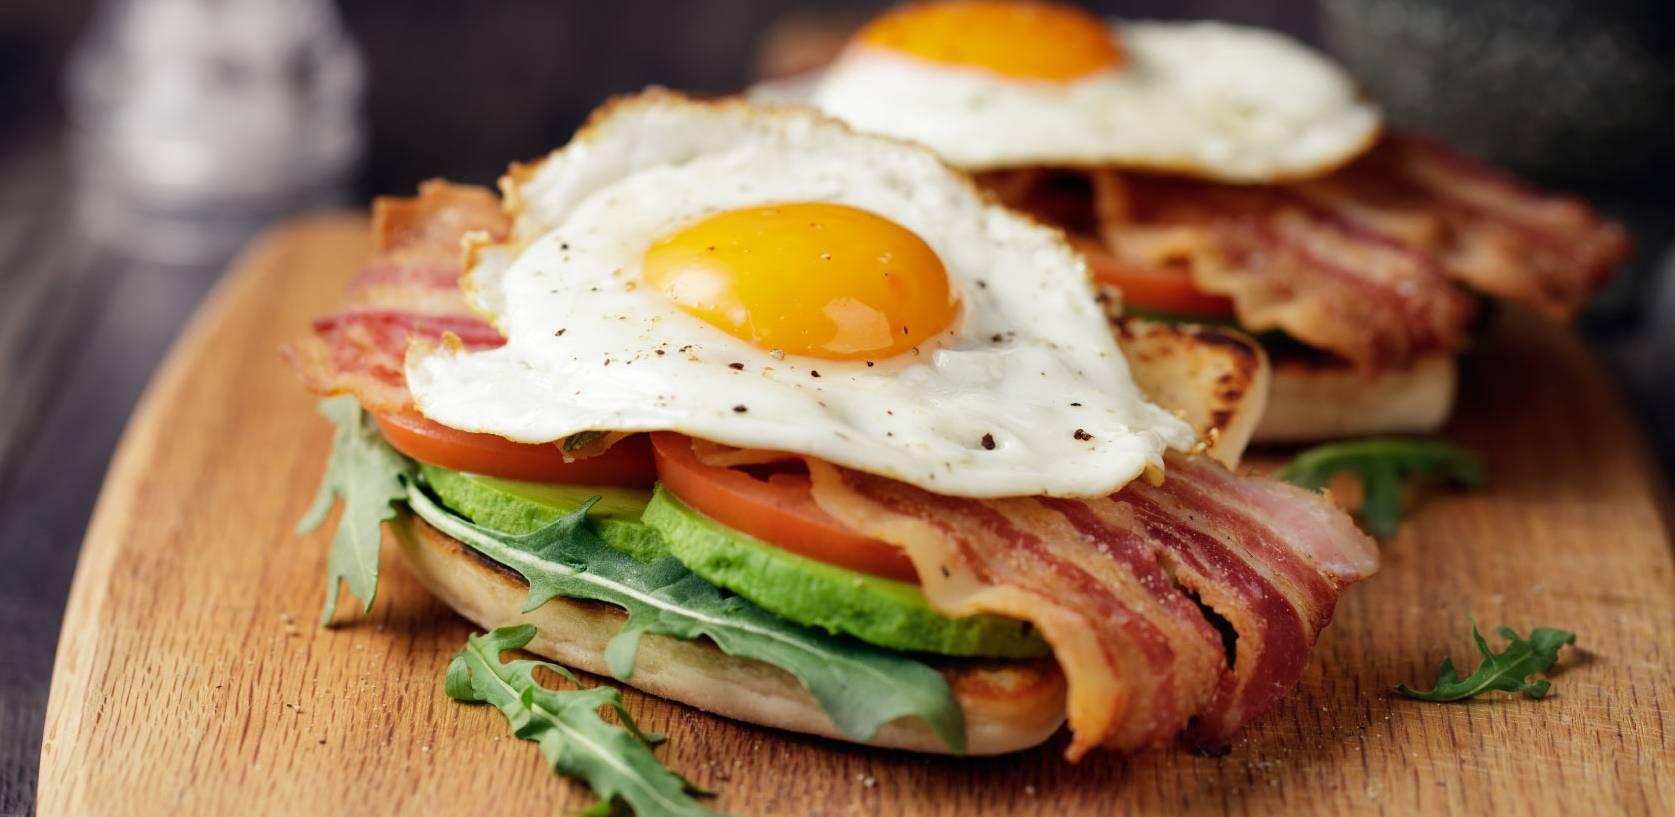 Mes Recettes oeuf bénédicte facile gourmand healthy diététique